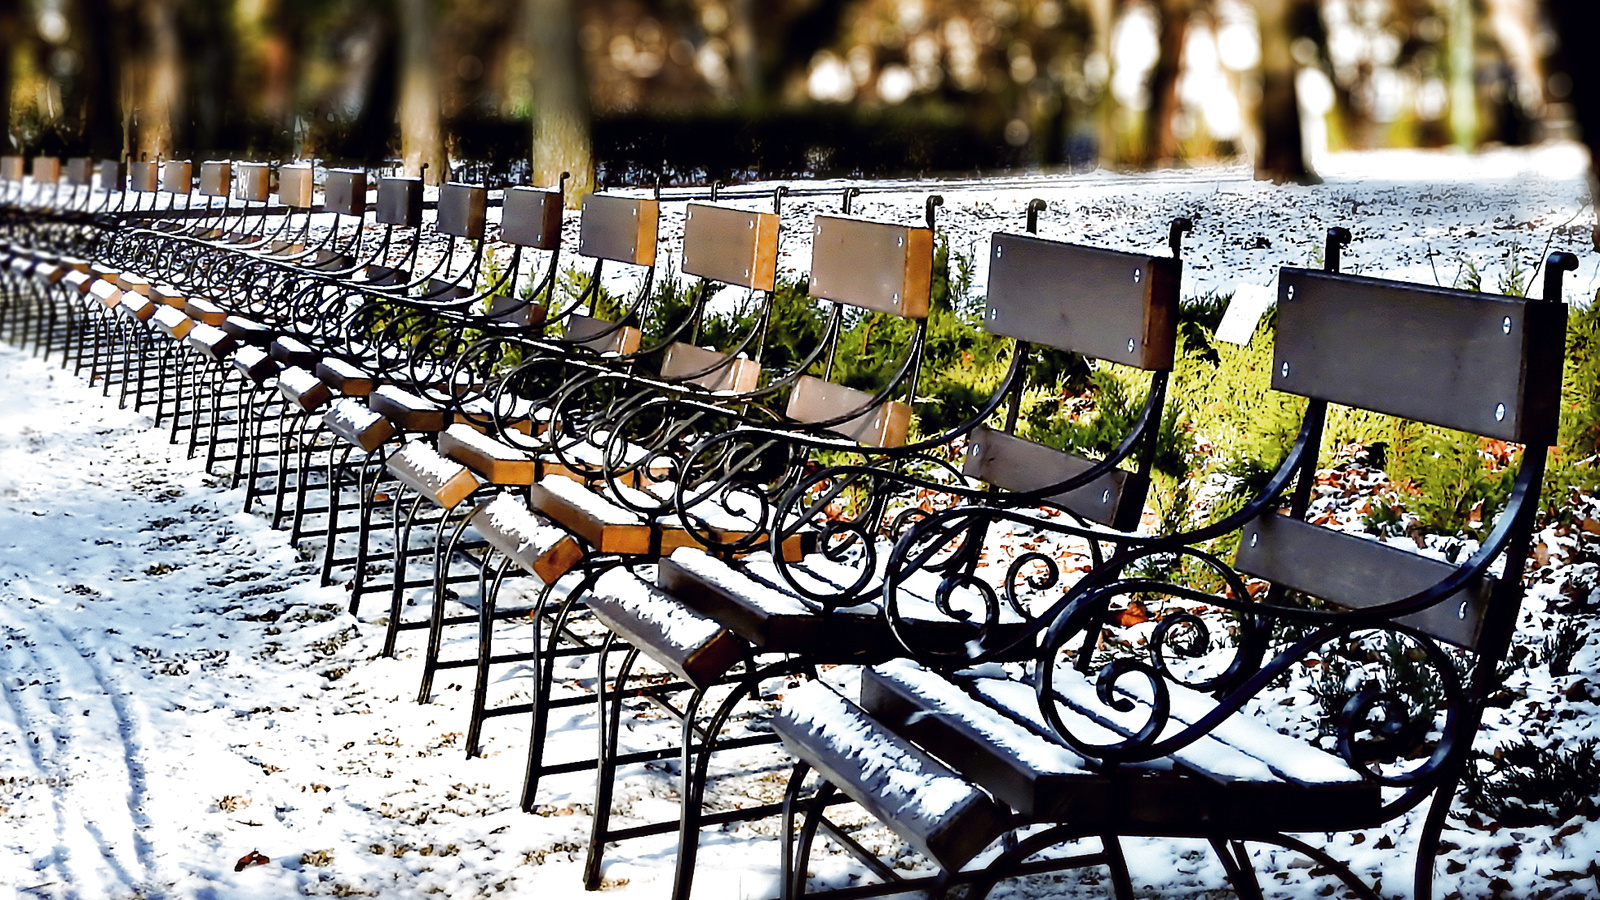 Padok-Erzsébet kert-Sopron-Tél